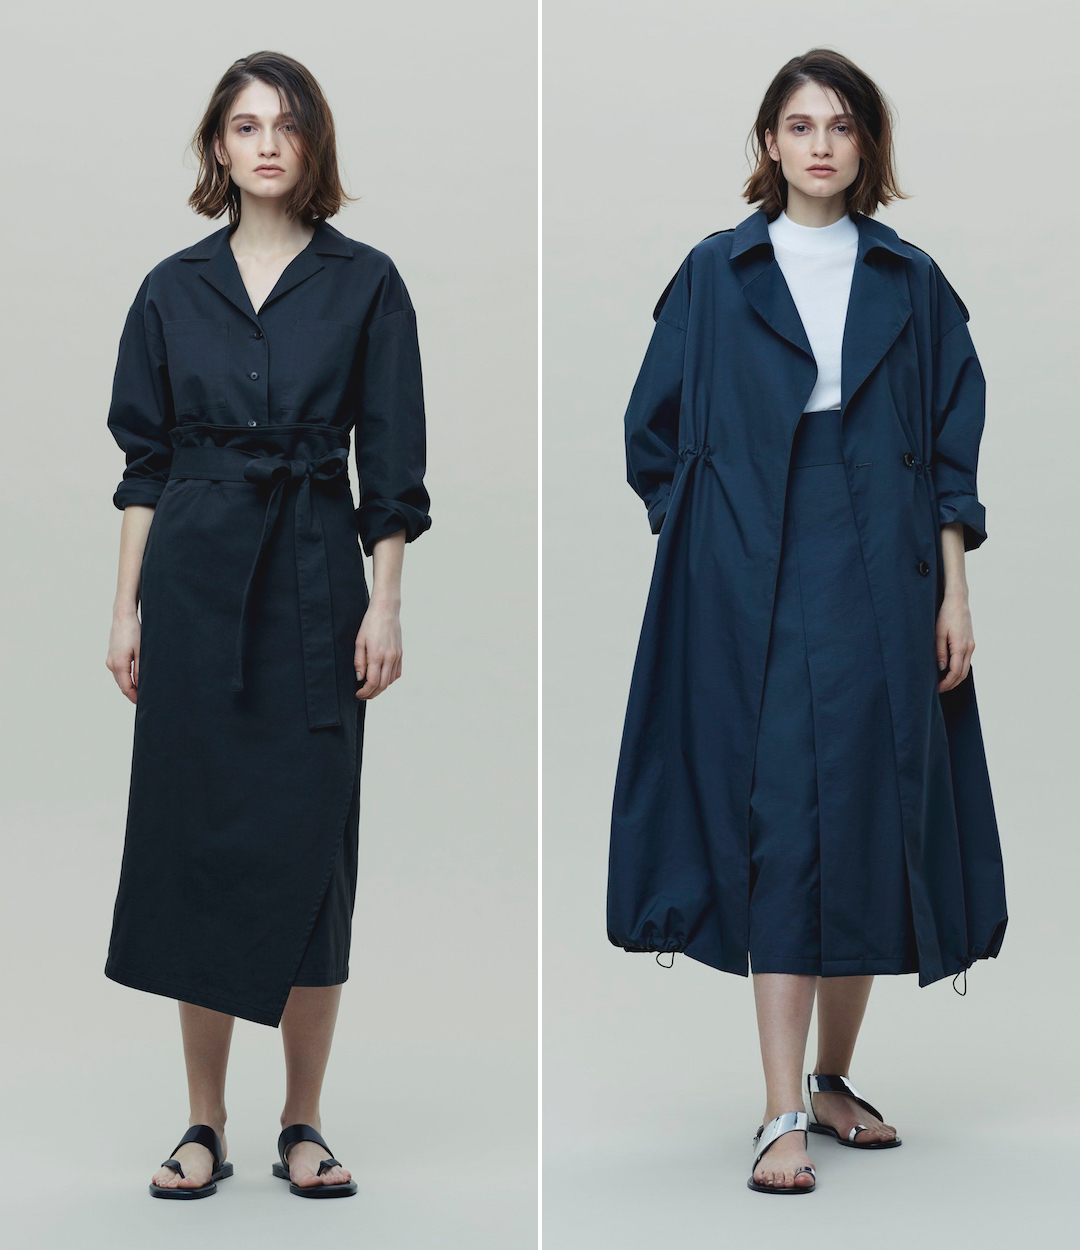 ファッションエディター東原妙子さんの新ブランド「uncrave(アンクレイヴ)」がPOP UP STOREを開催_1_1